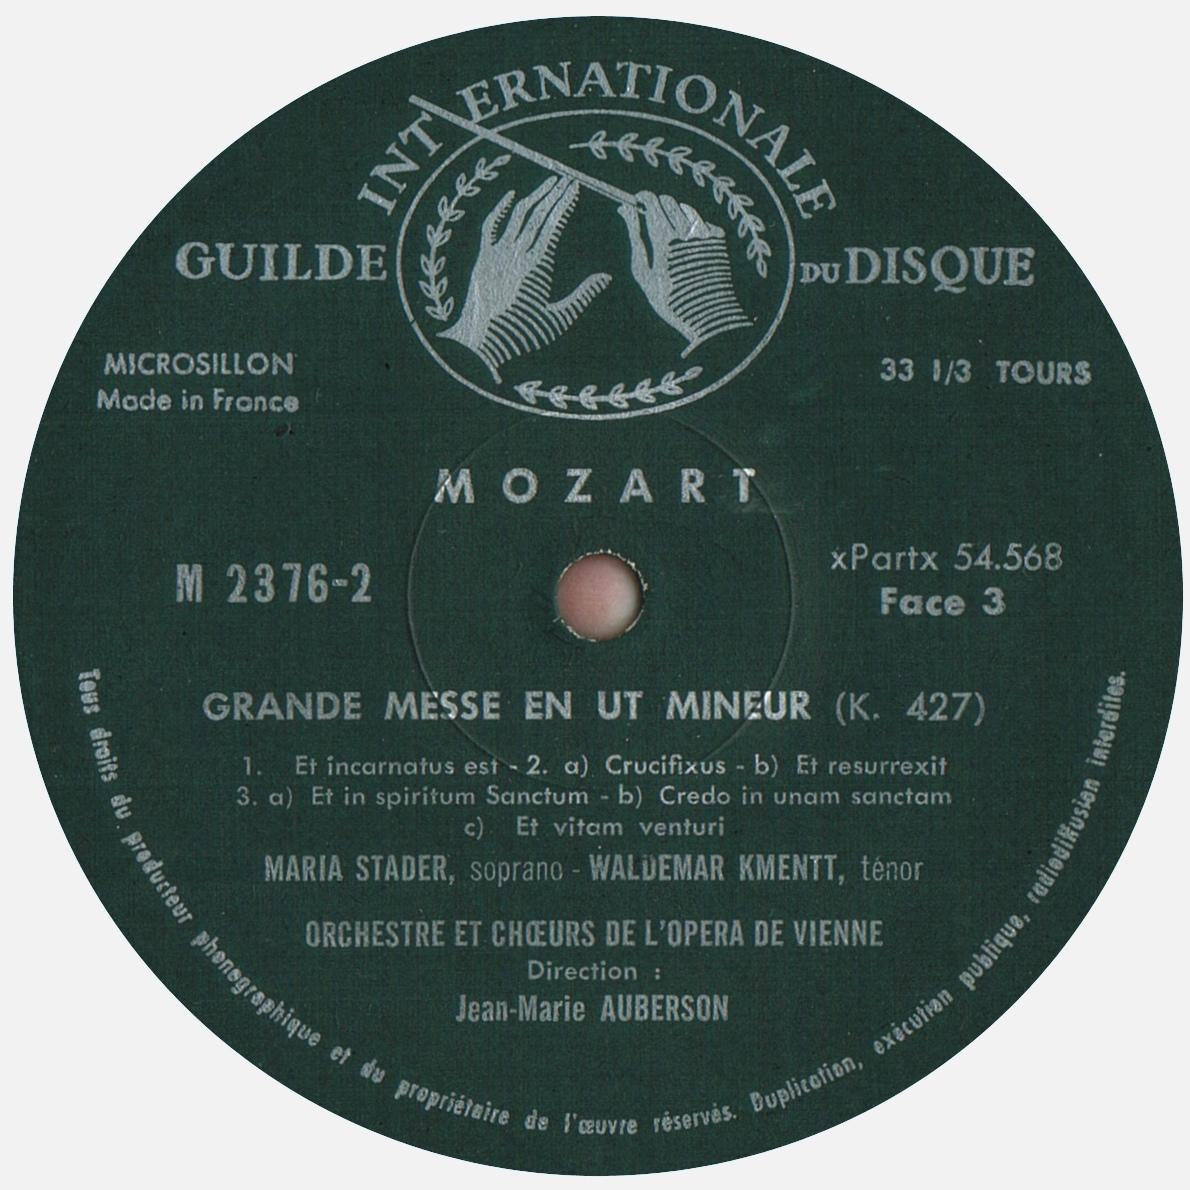 Étiquette recto du 2e disque de l'album Musical Masterpiece Society MMS 2376